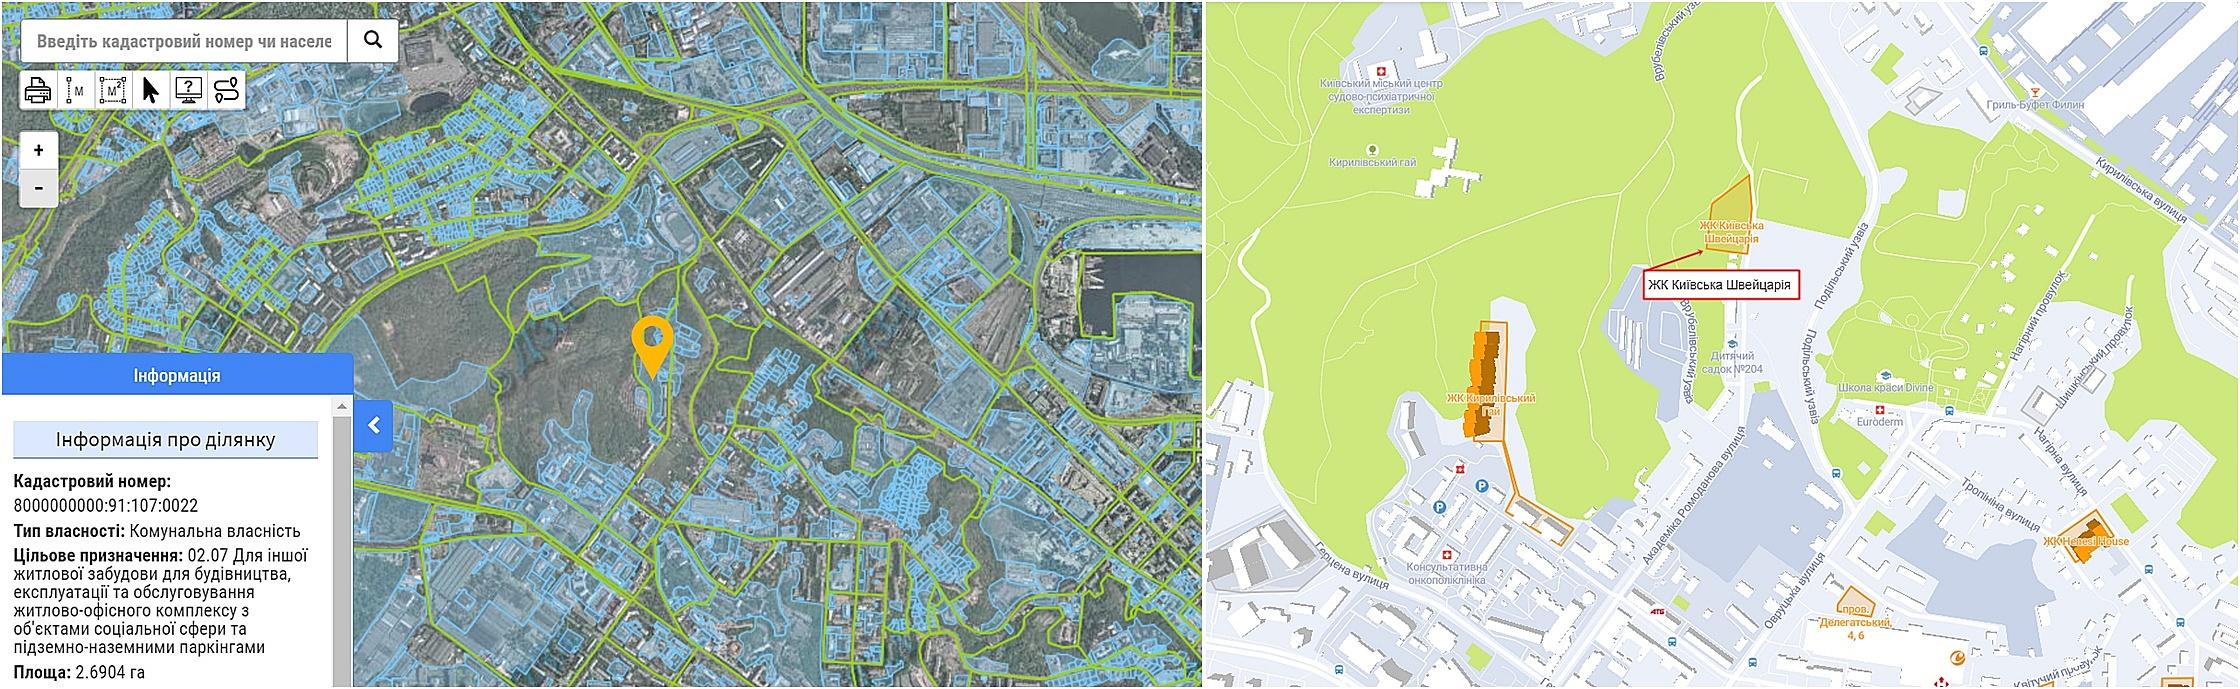 ЖК Киевская Швейцария данные кадастра и на карте